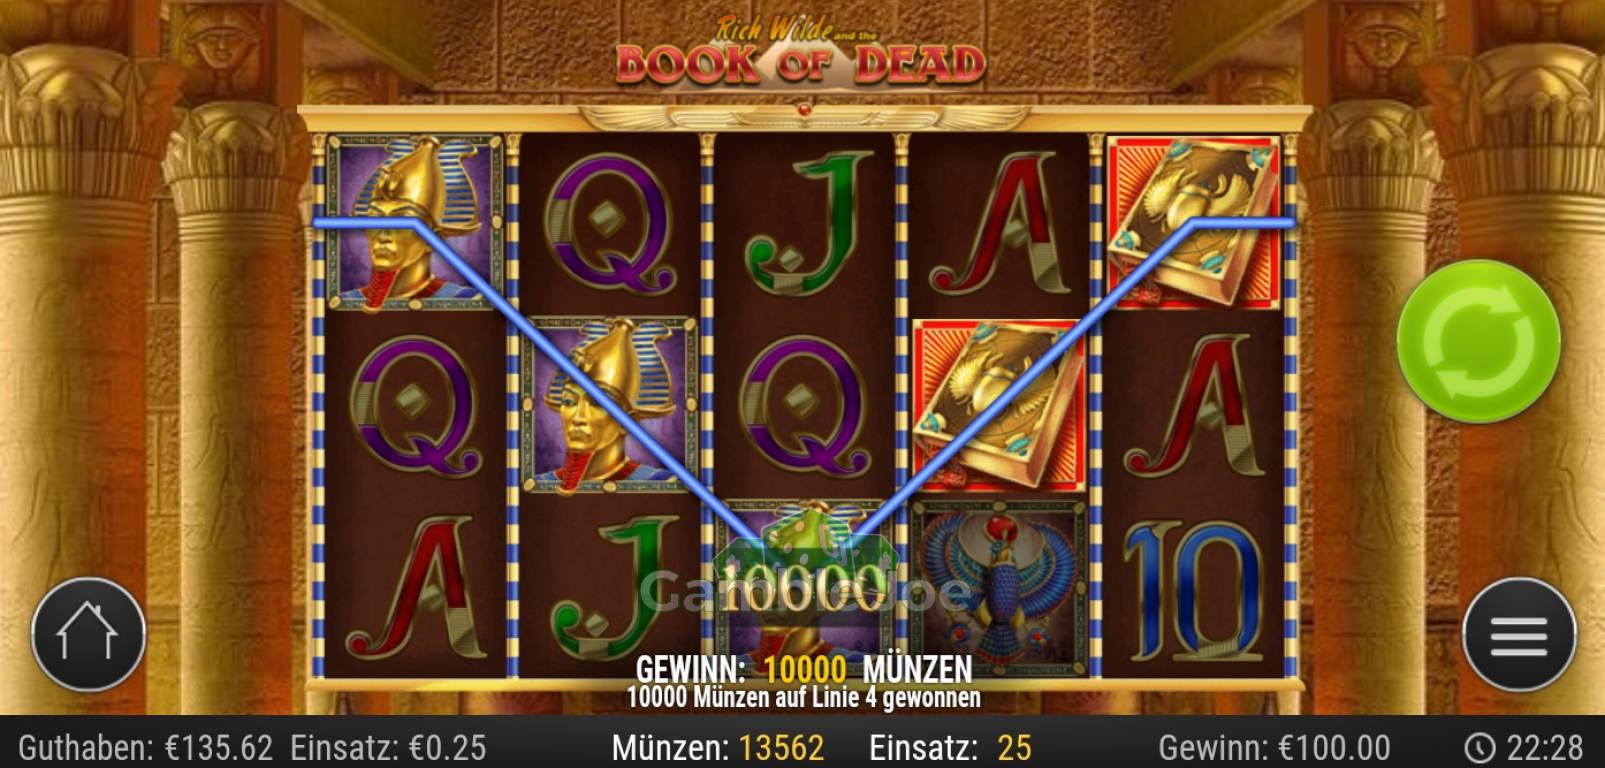 Cherry master slot machine